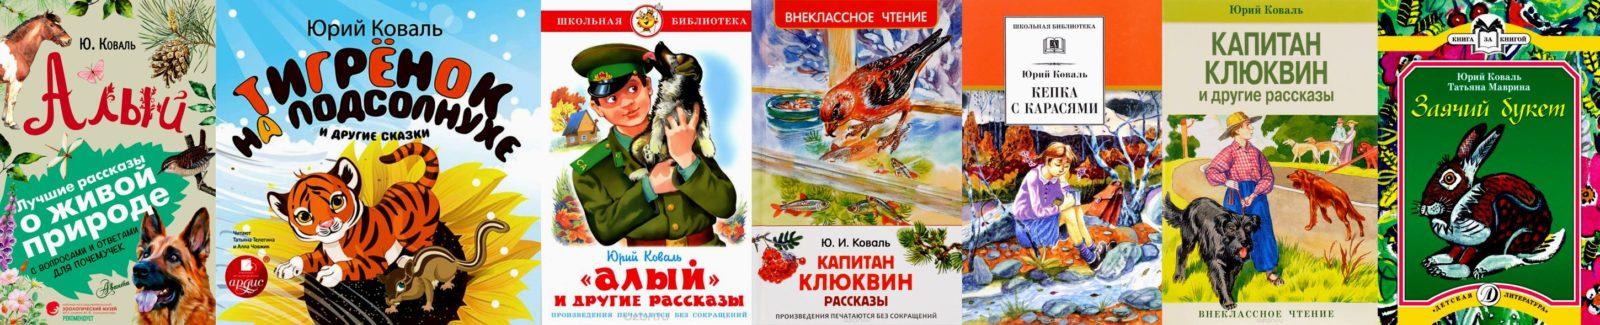 Картофельная собака—Юрий Коваль